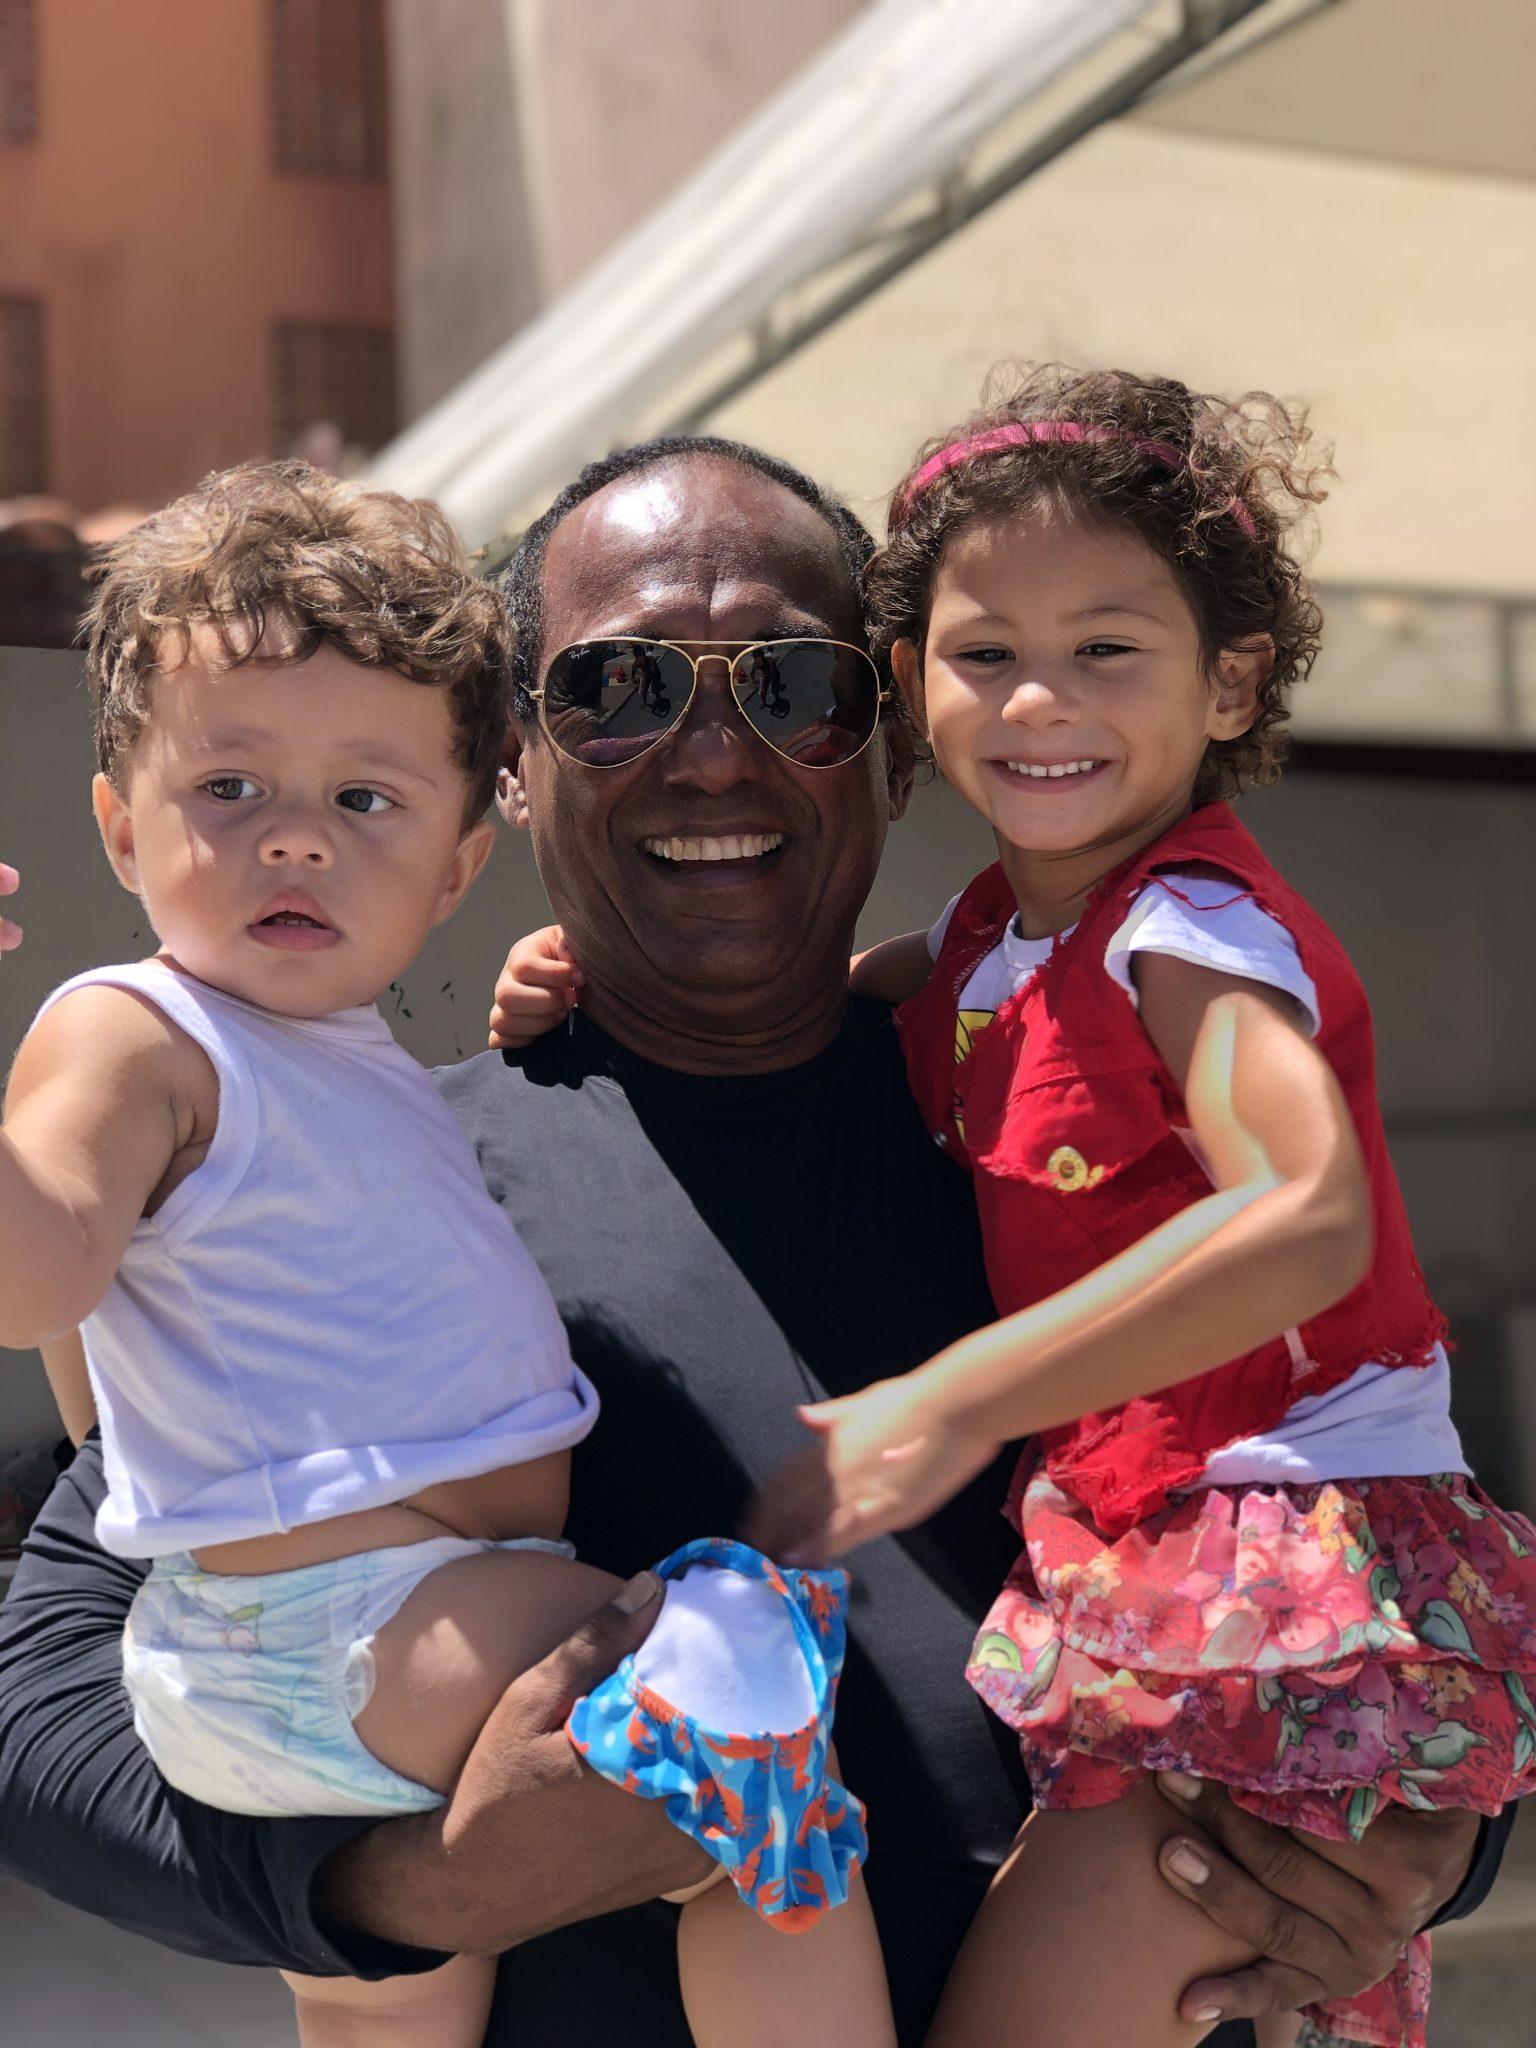 homem que realiza festa na piscina segurando duas crianças